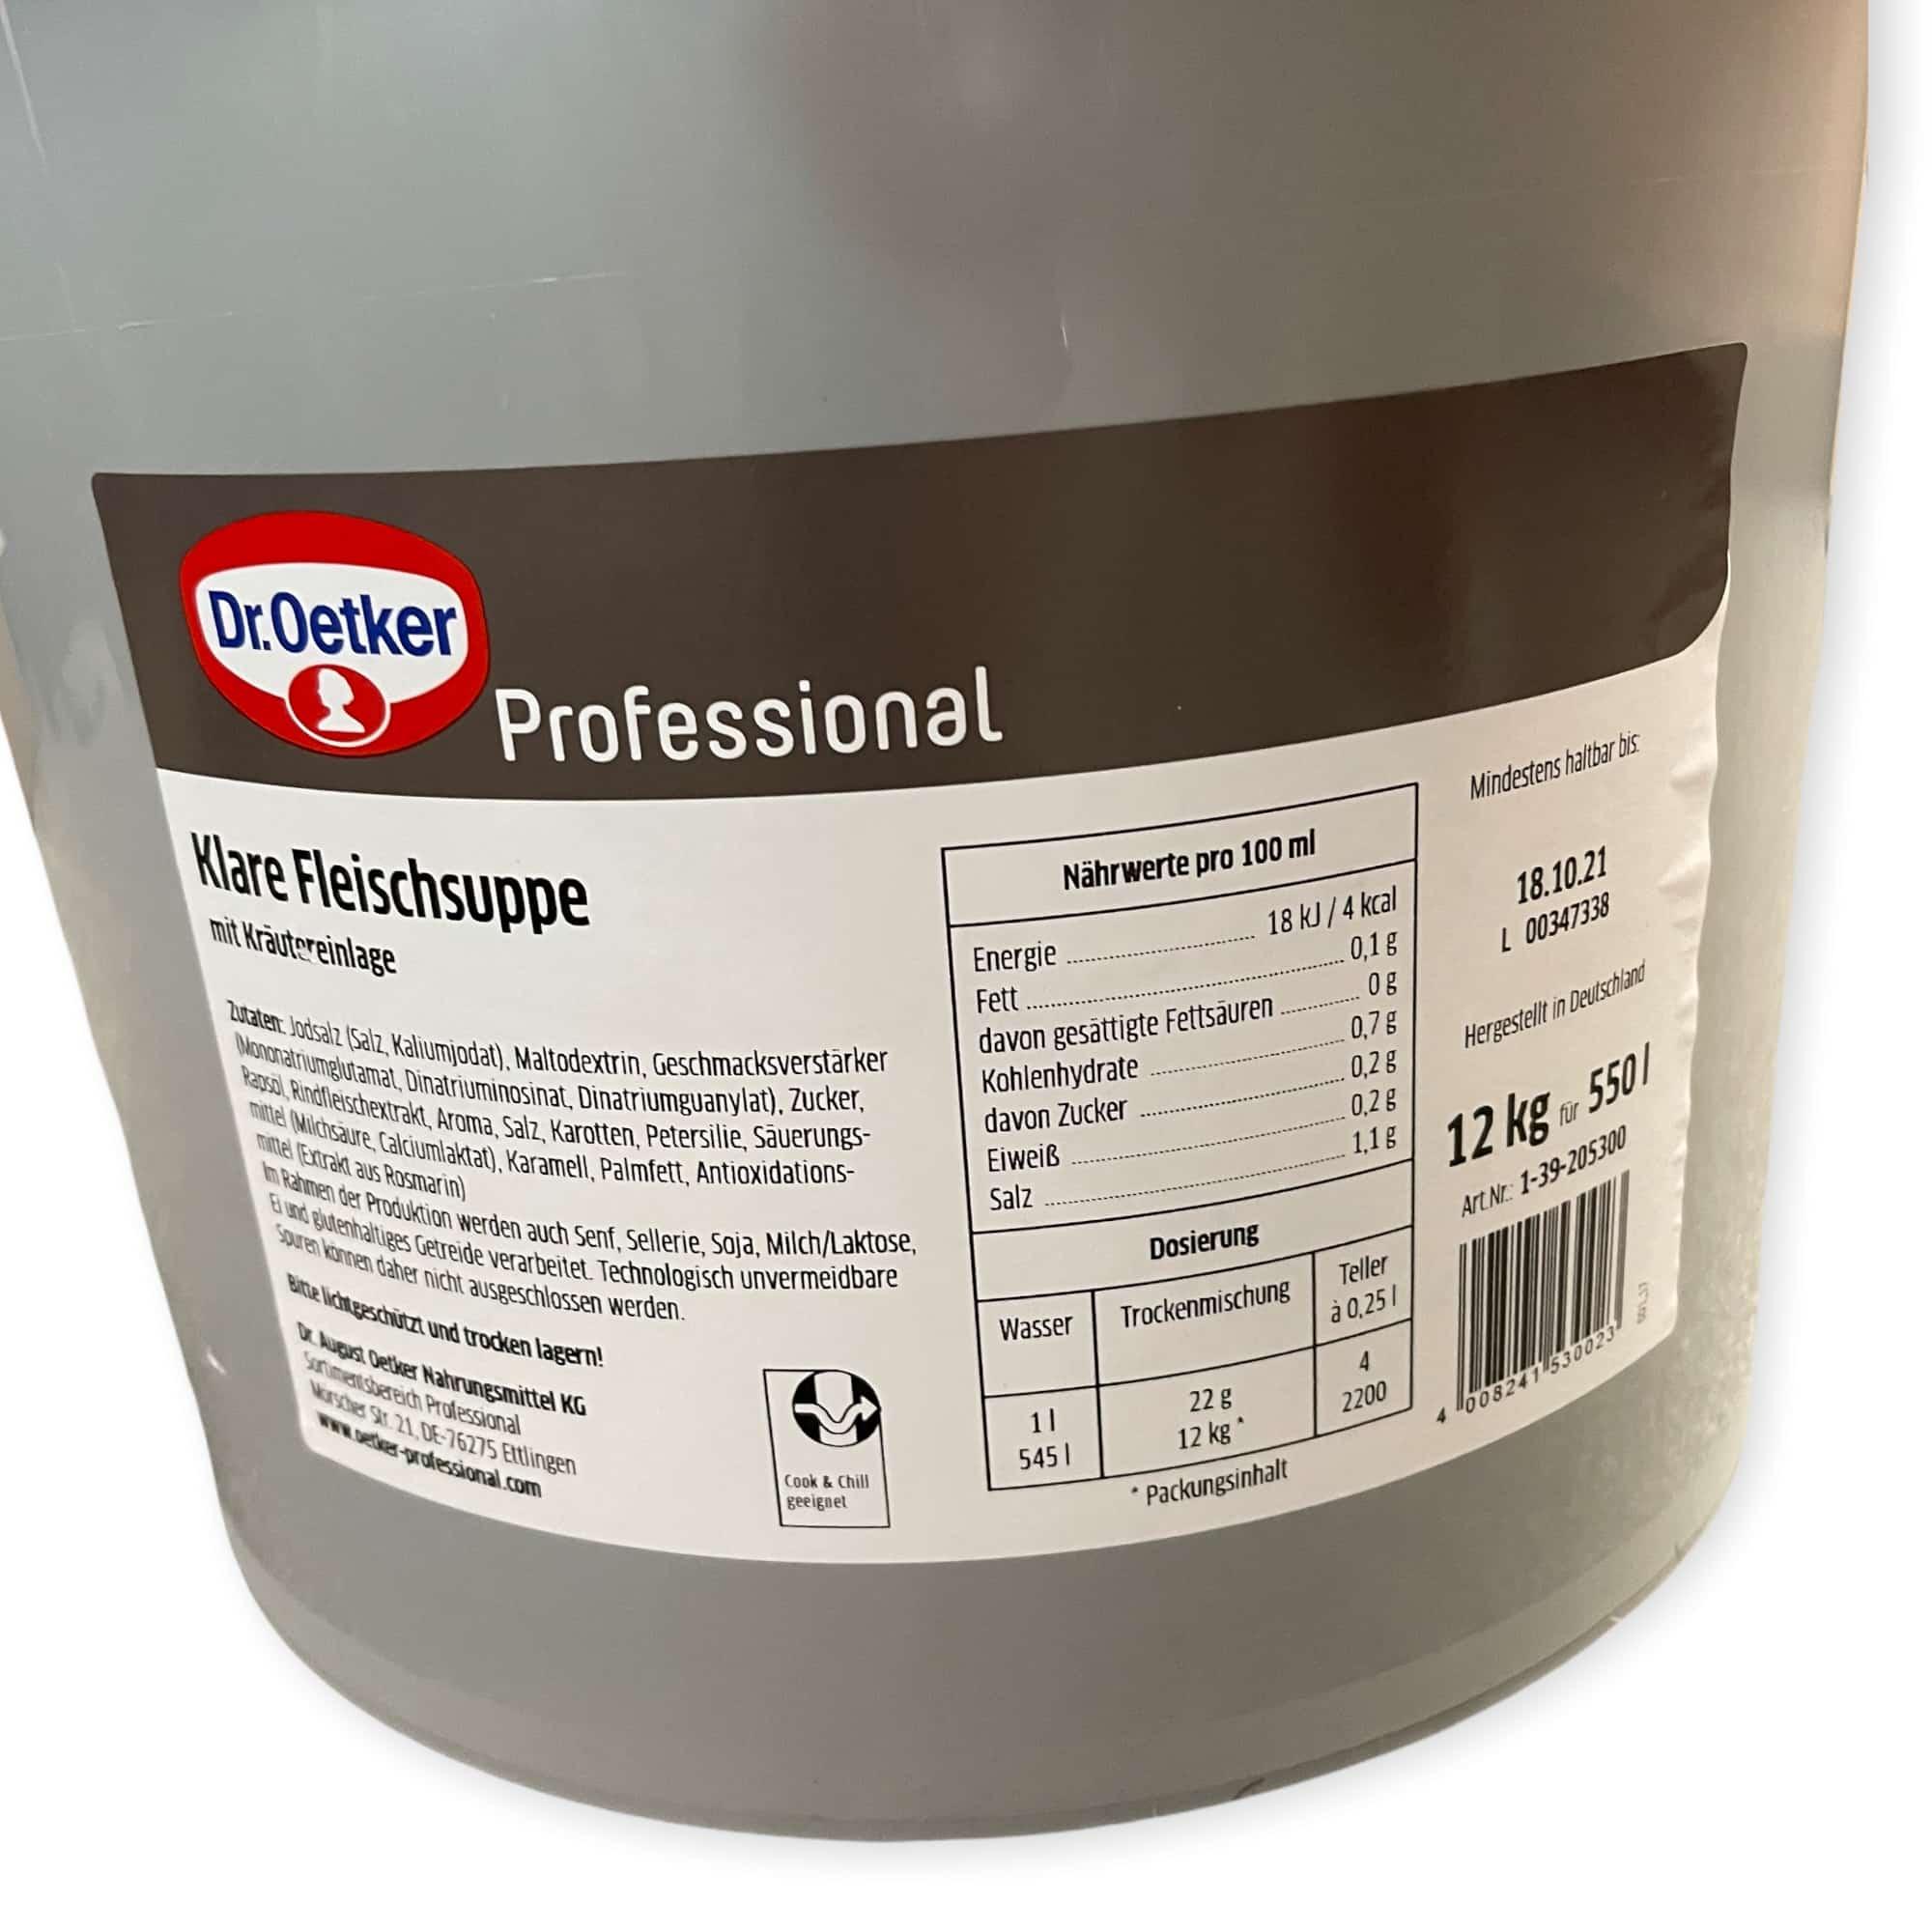 Dr. Oetker Professional Klare Fleischsuppe 12 kg